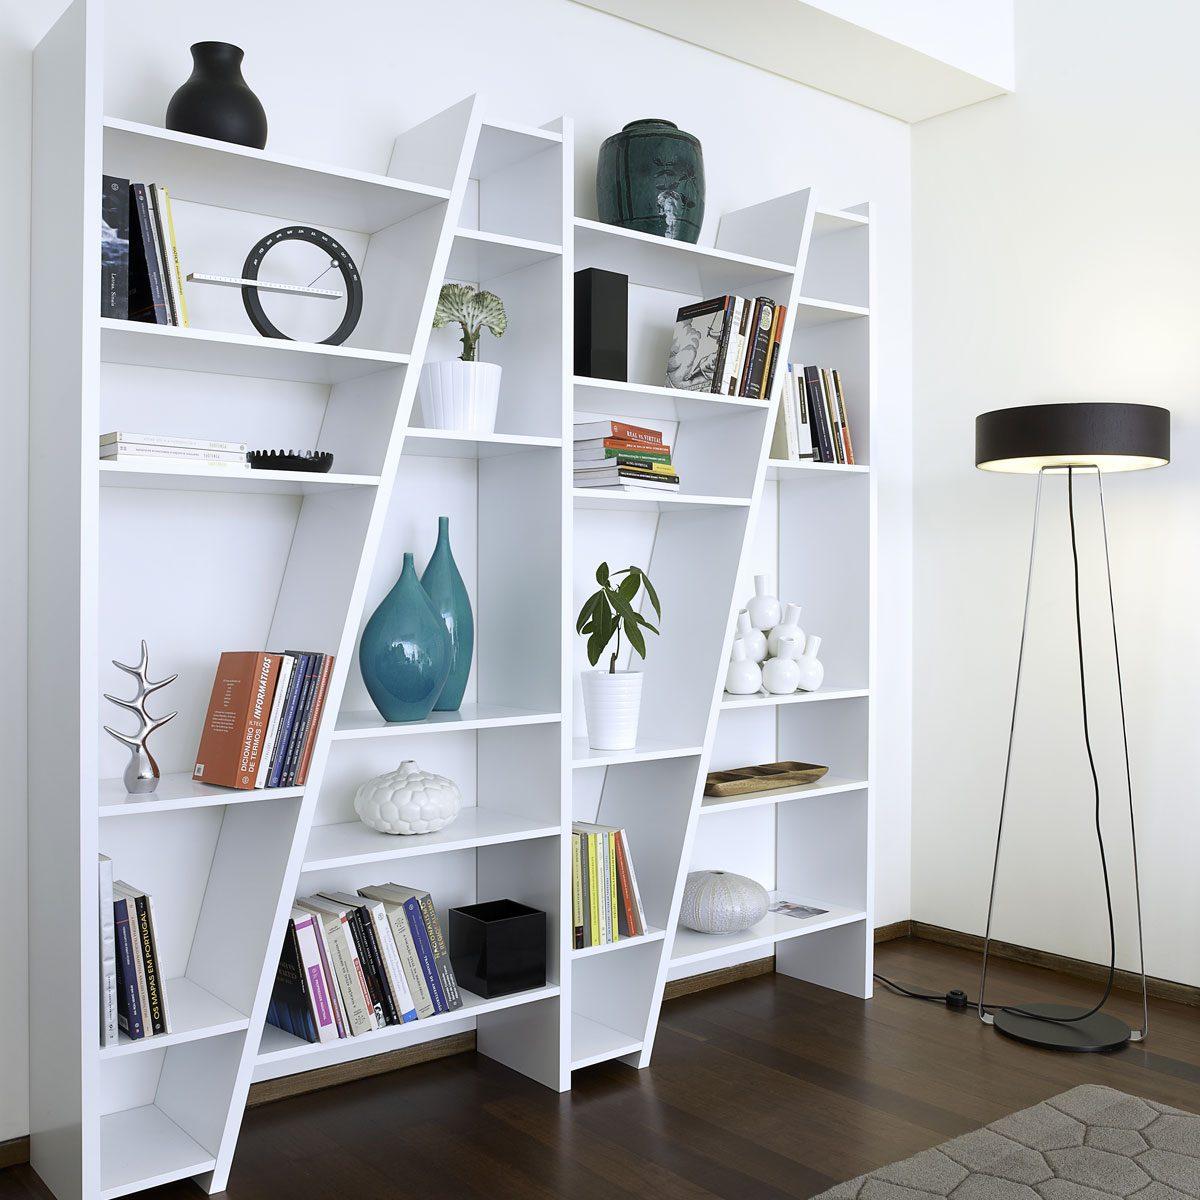 estantes-originales-para-organizar-tu-casa-04